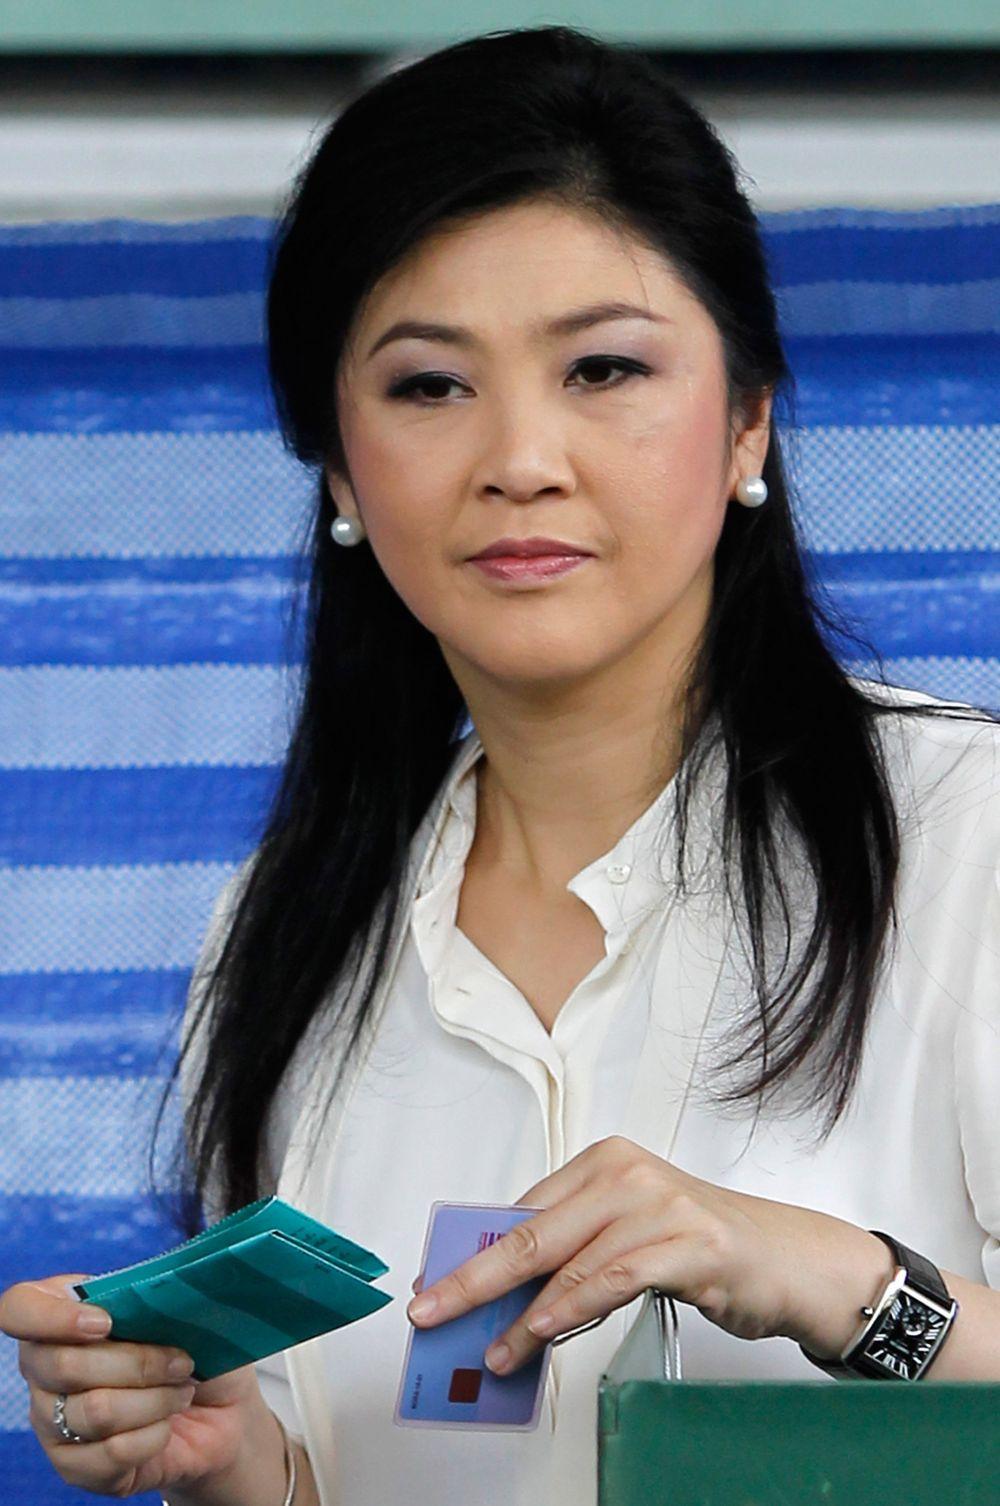 Большое внимание в последние месяцы приковано к Йинглак Чинават, 28-му премьер-министру Таиланда. Вспыхнувшие в стране прошлой осенью антиправительственные выступления направлены во многом против неё – демонстранты требуют отставки Чиннават и требуют расследования её деятельности. В декабре она объявила о роспуске парламента и должна была уйти в отставку вместе с правительством, но пока продолжает оставаться в должности исполняющего обязанности премьер-министра Таиланда.